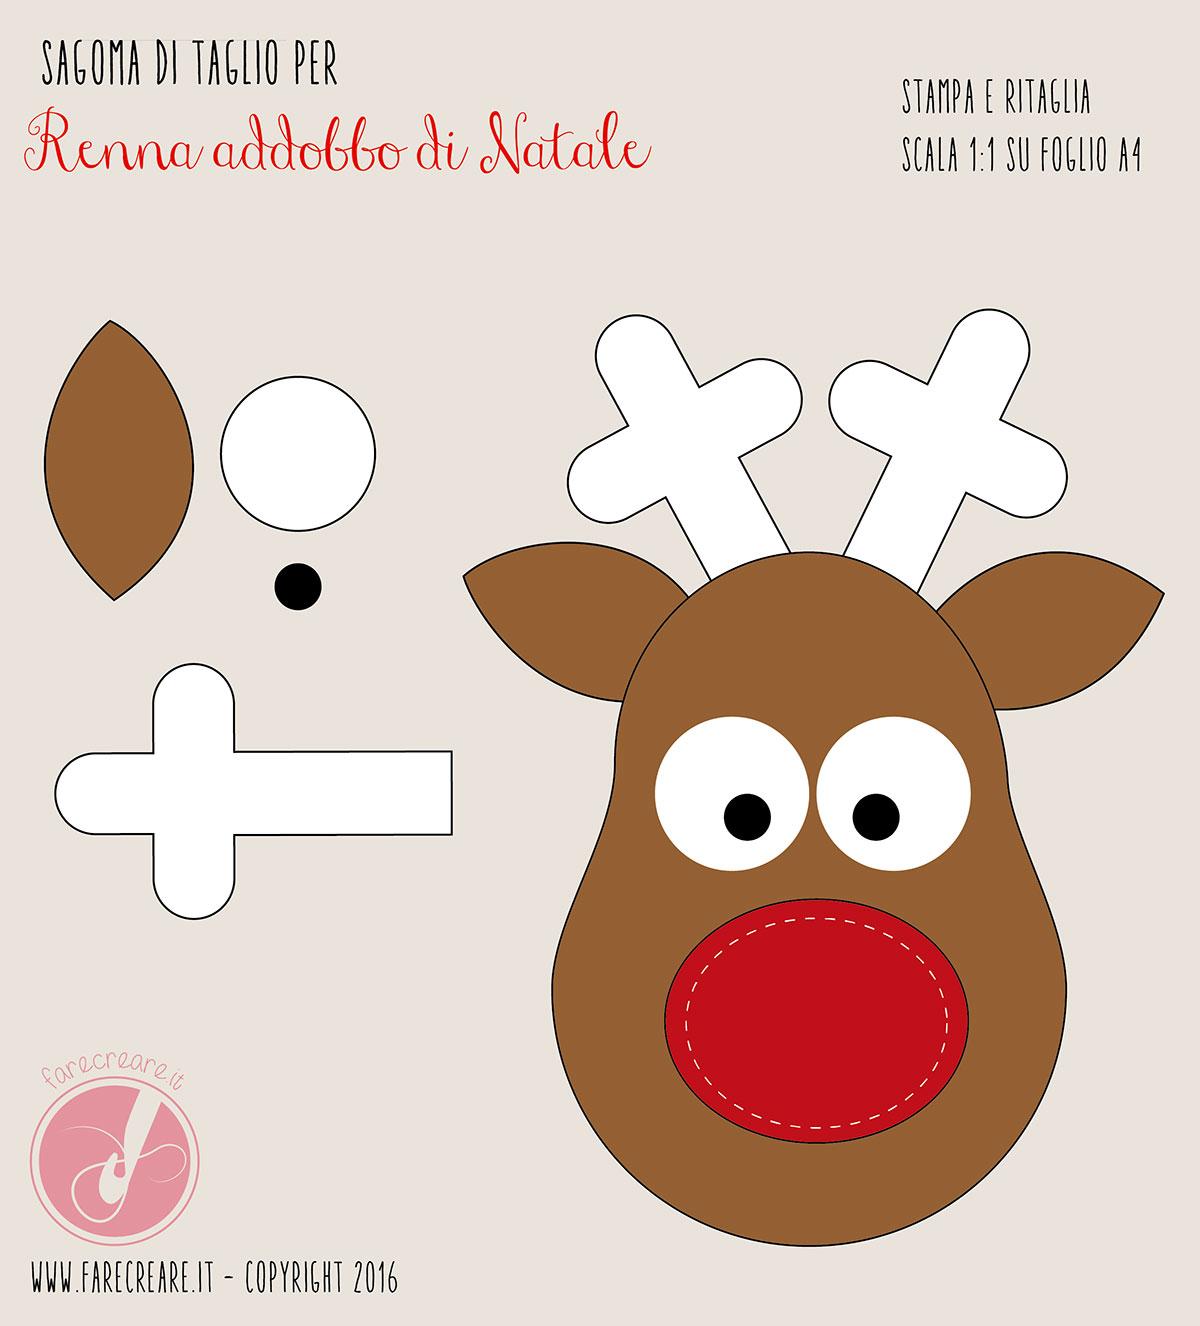 Rudolf La Renna Di Natale In Feltro Da Appendere Schema Di Taglio